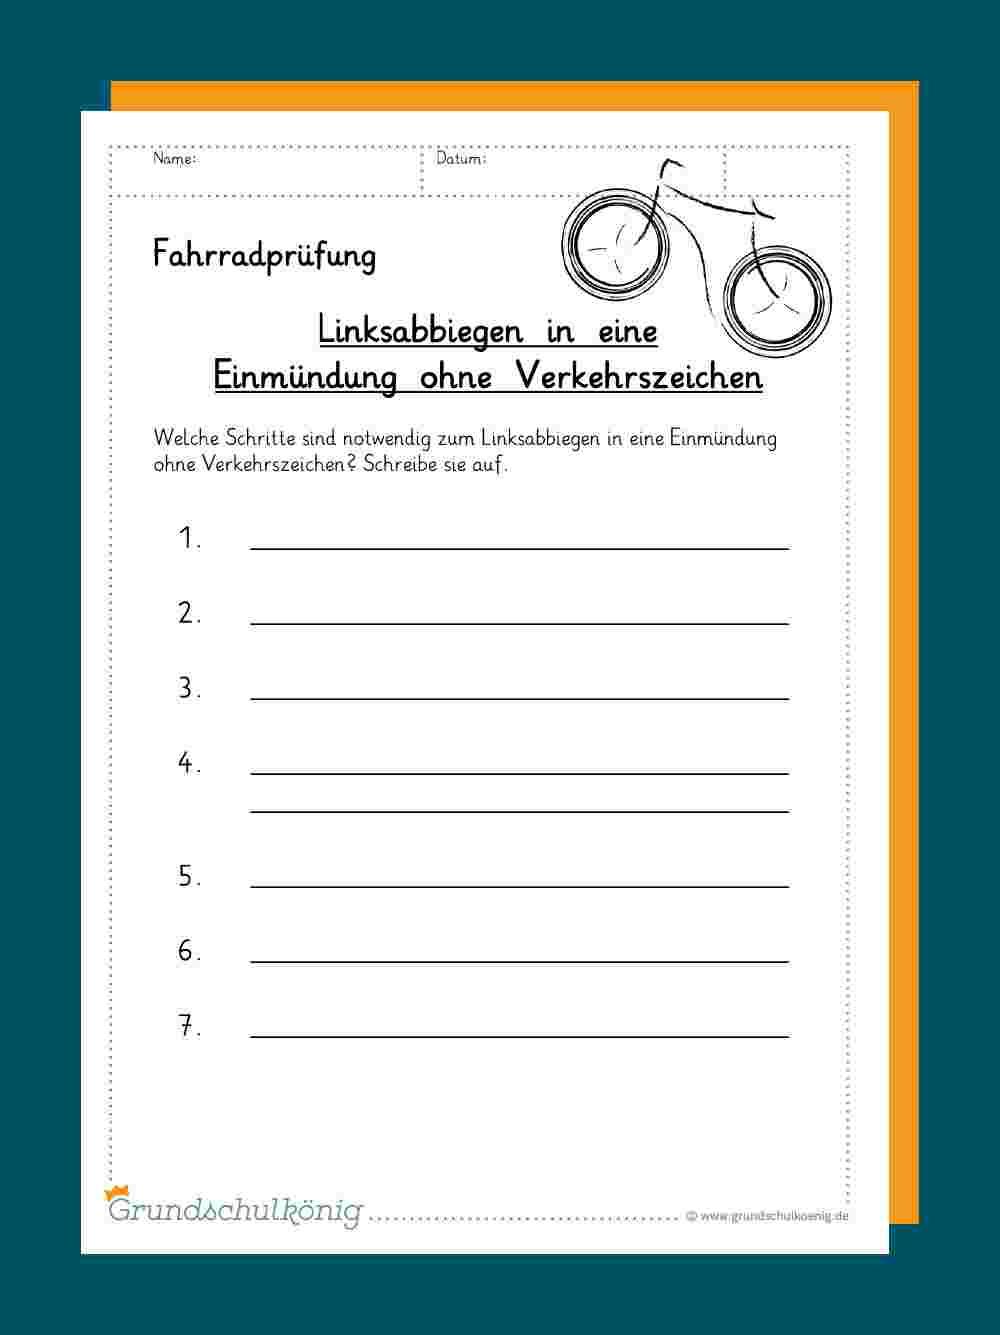 Arbeitsblätter und Übungen zur Fahrradprüfung / Radfahrprüfung